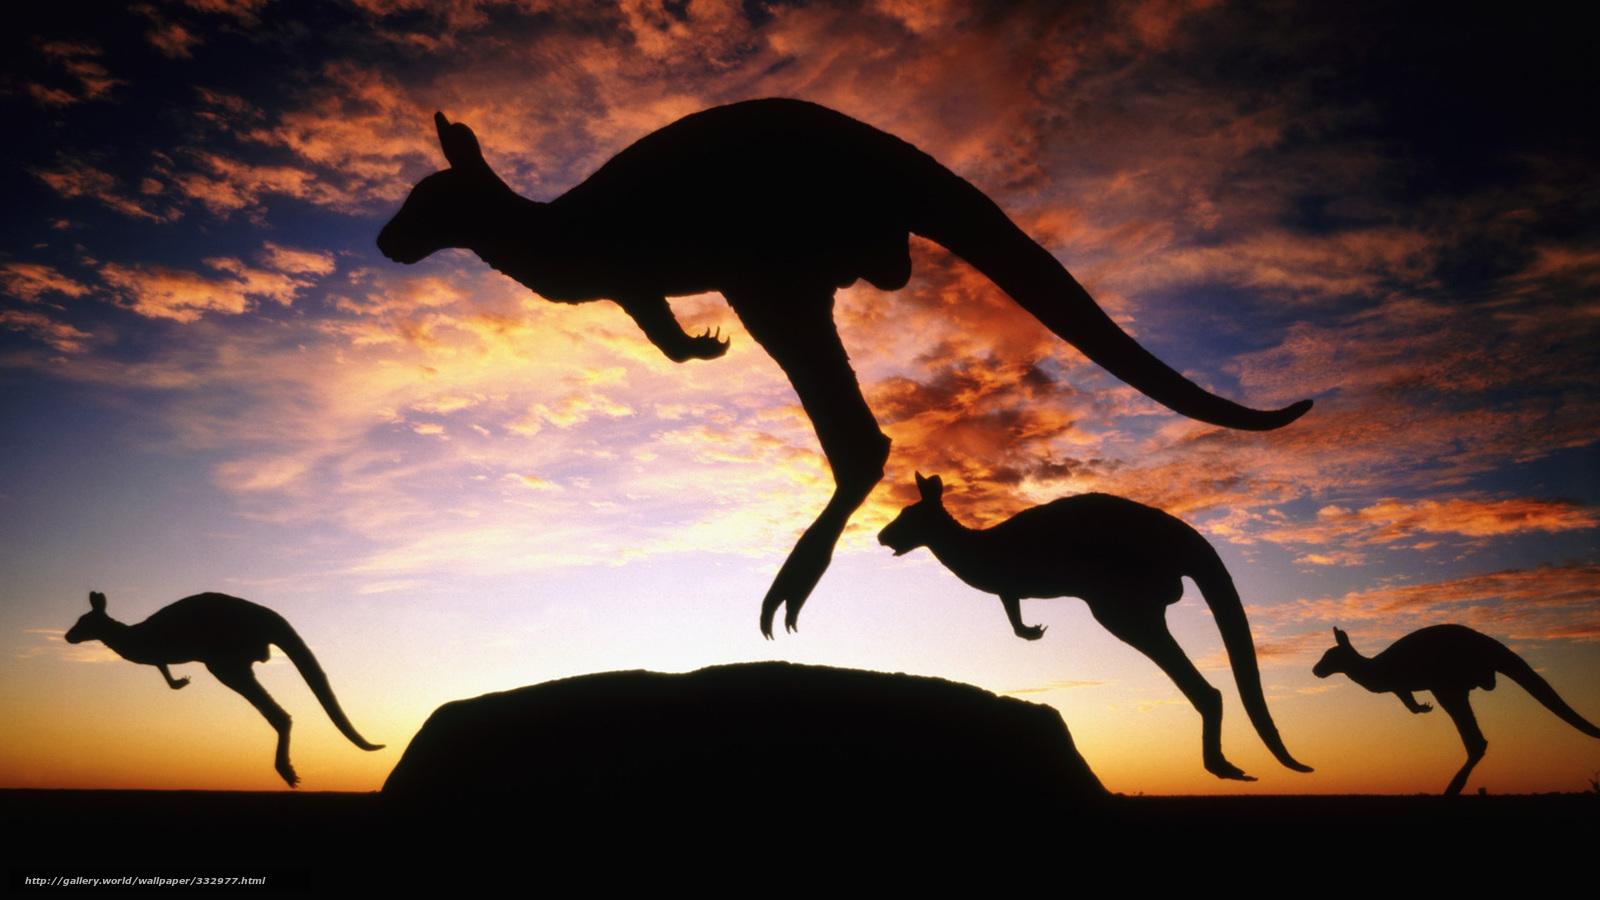 fond d'ecran gratuit kangourou